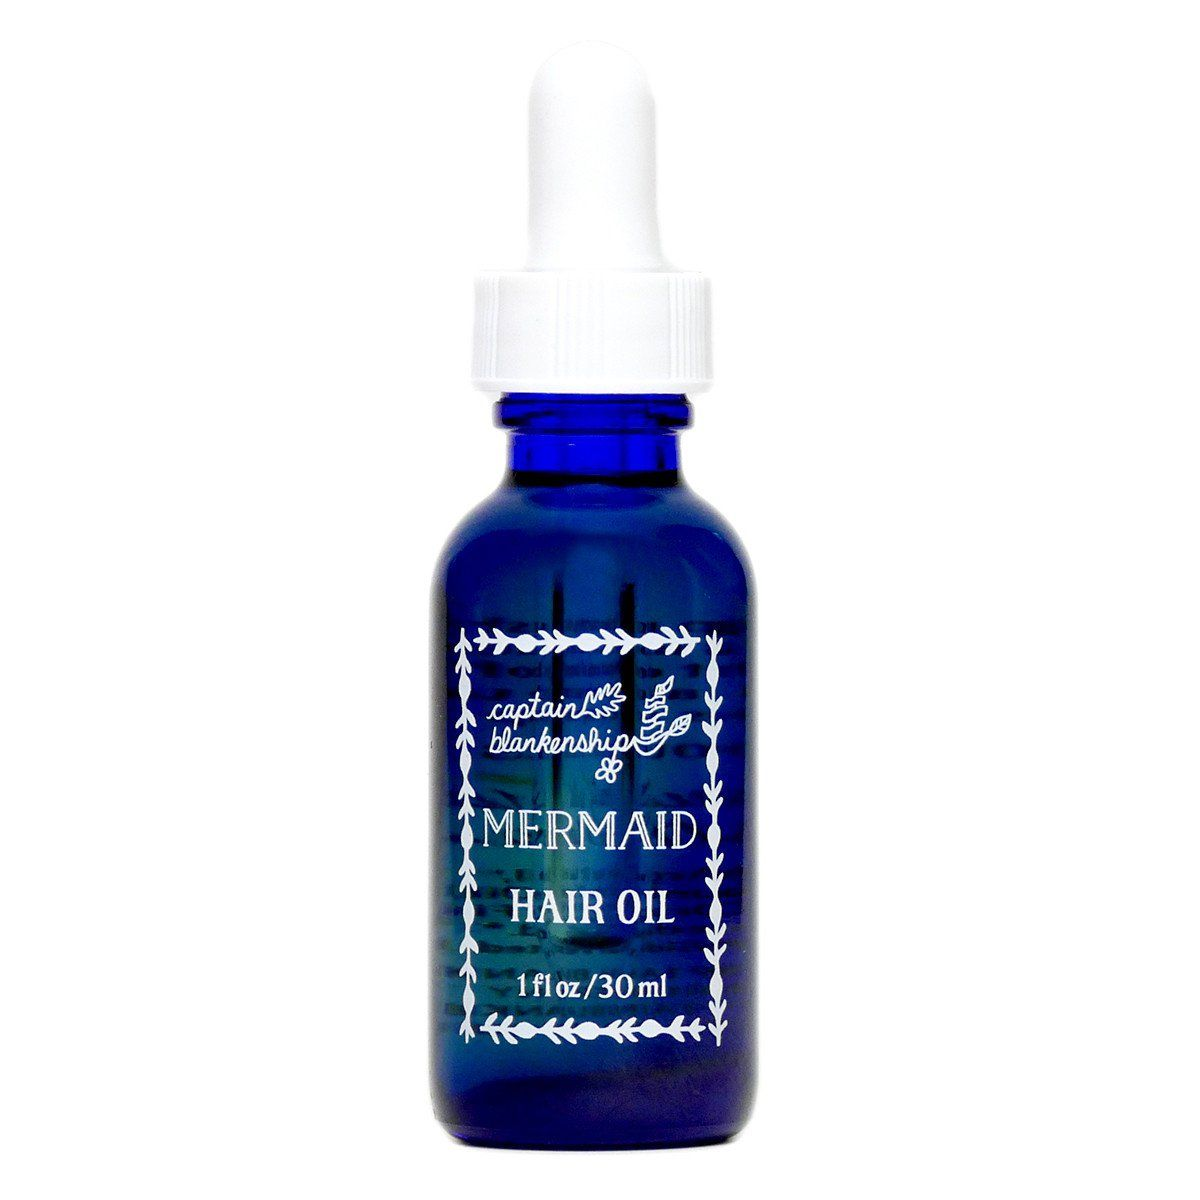 mermaid hair oil in a dropper bottle